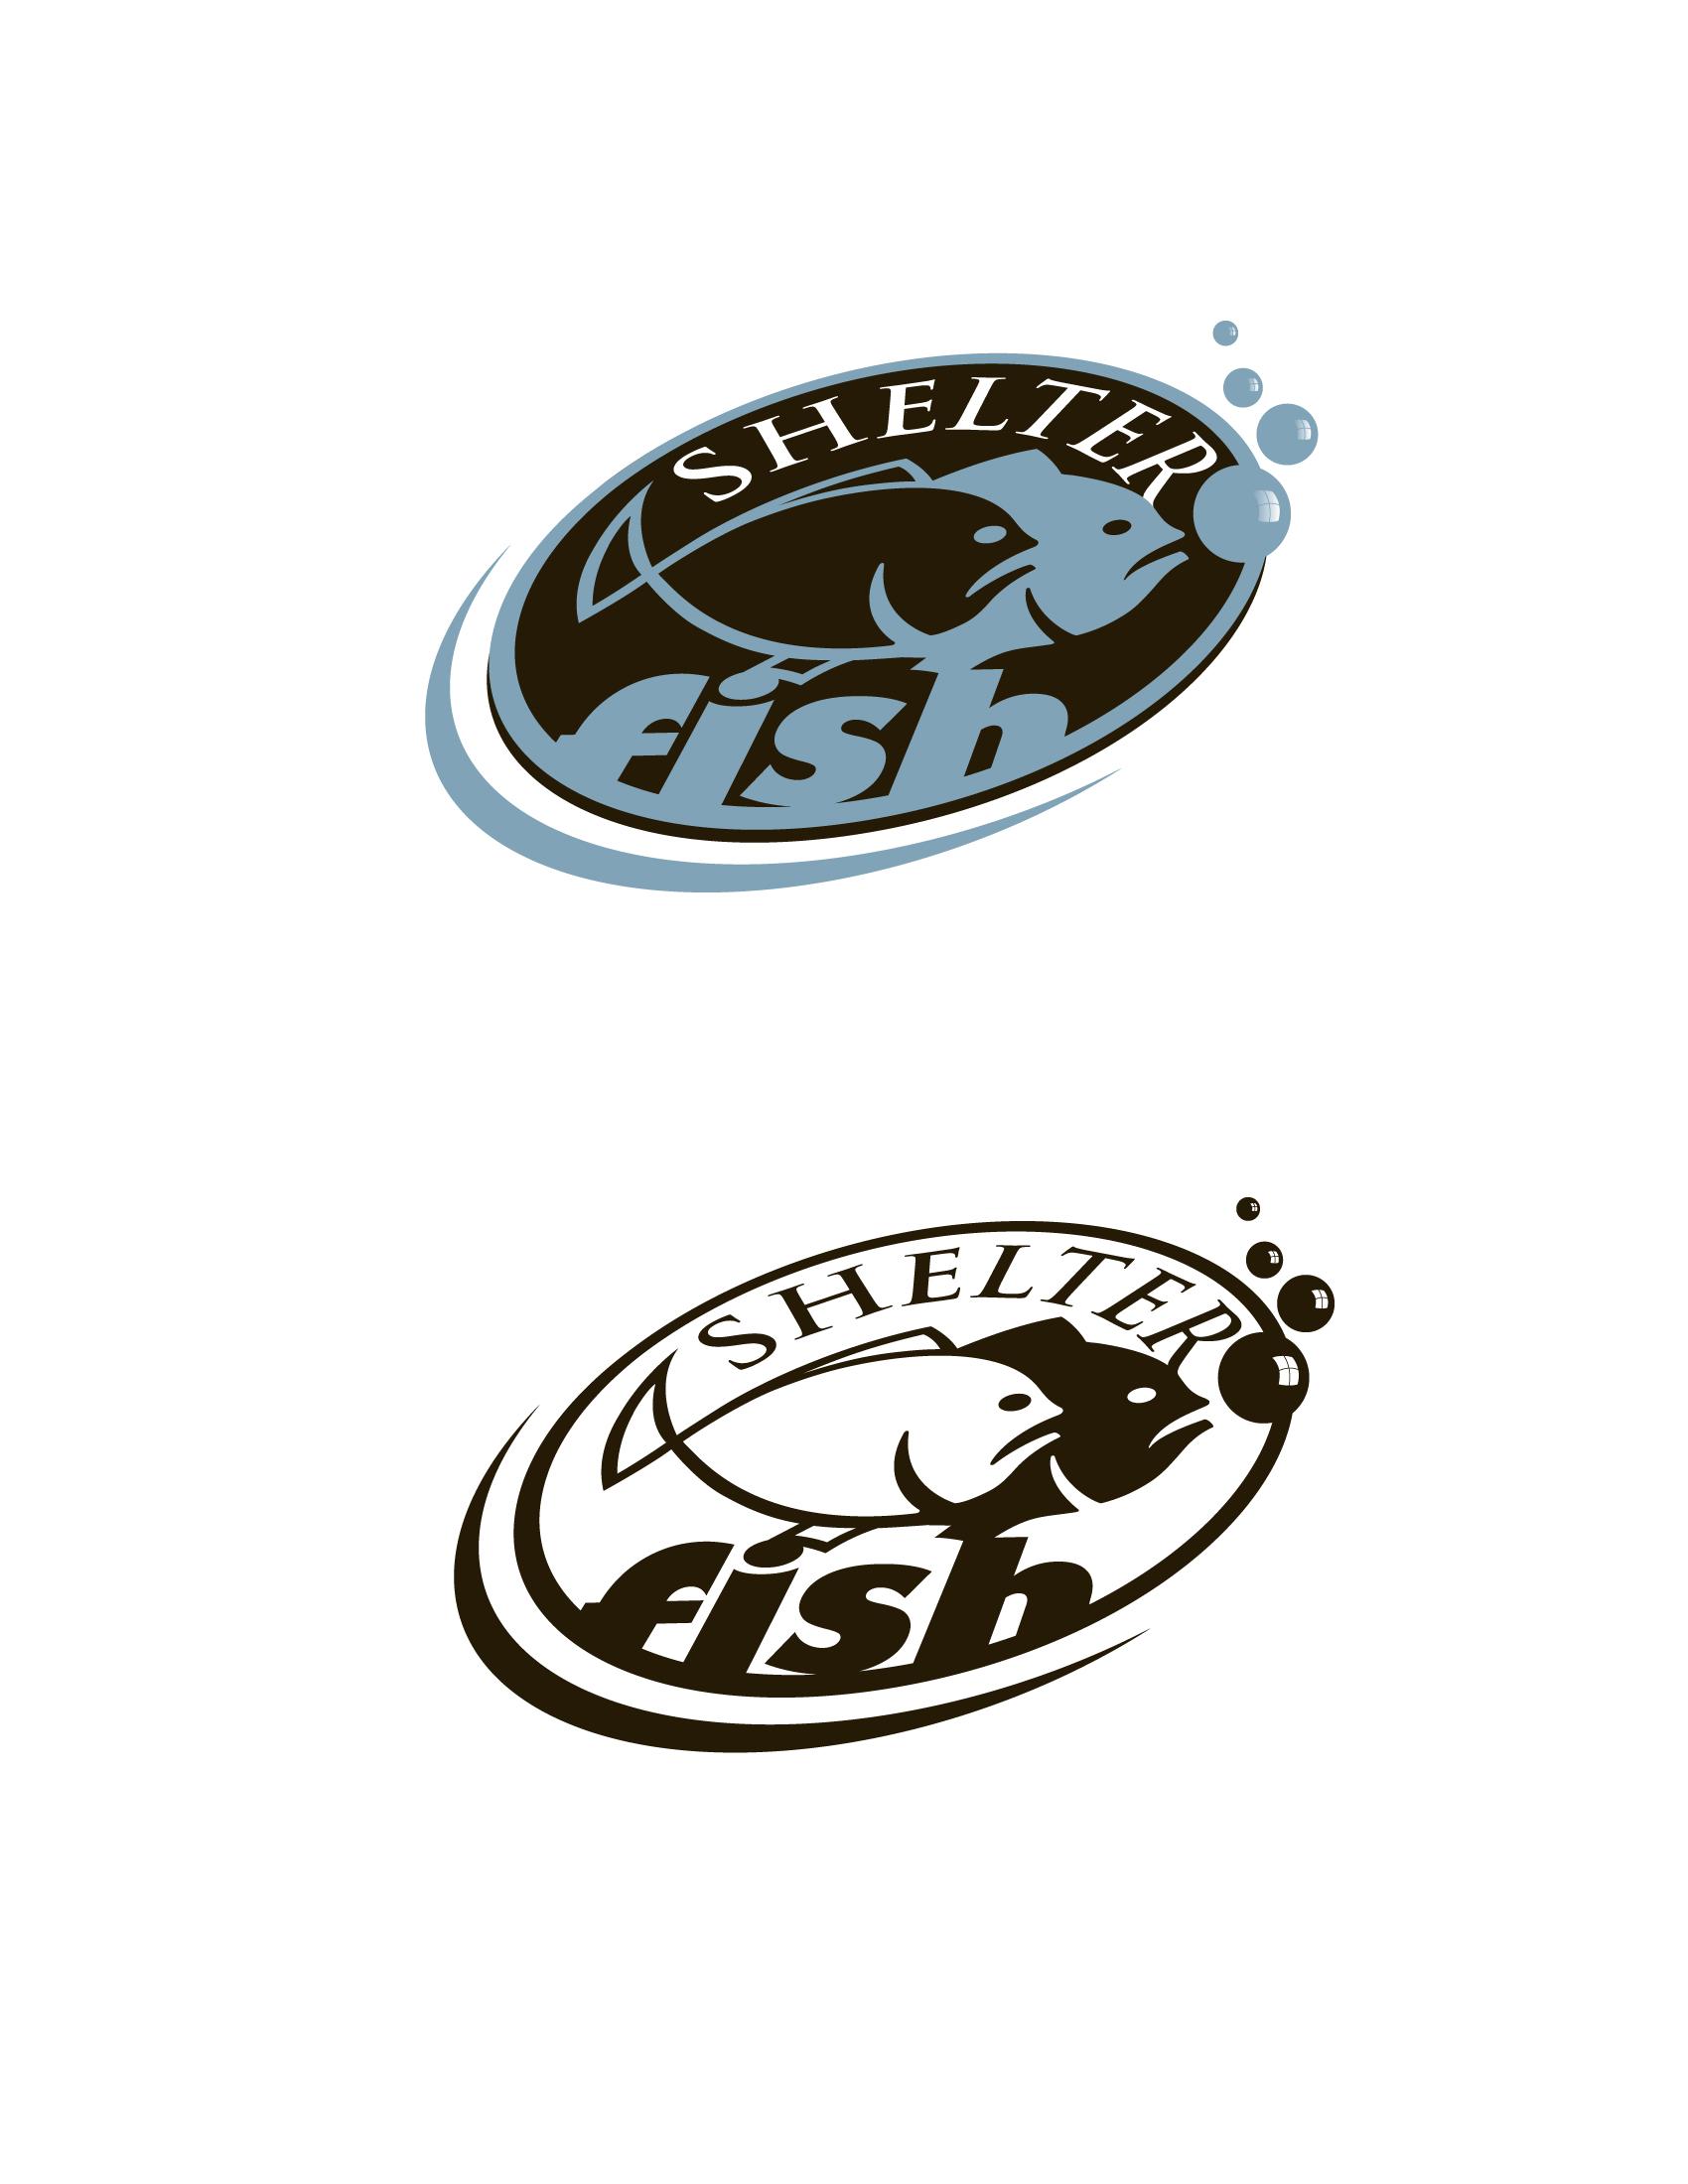 Shelter Fish logo 1